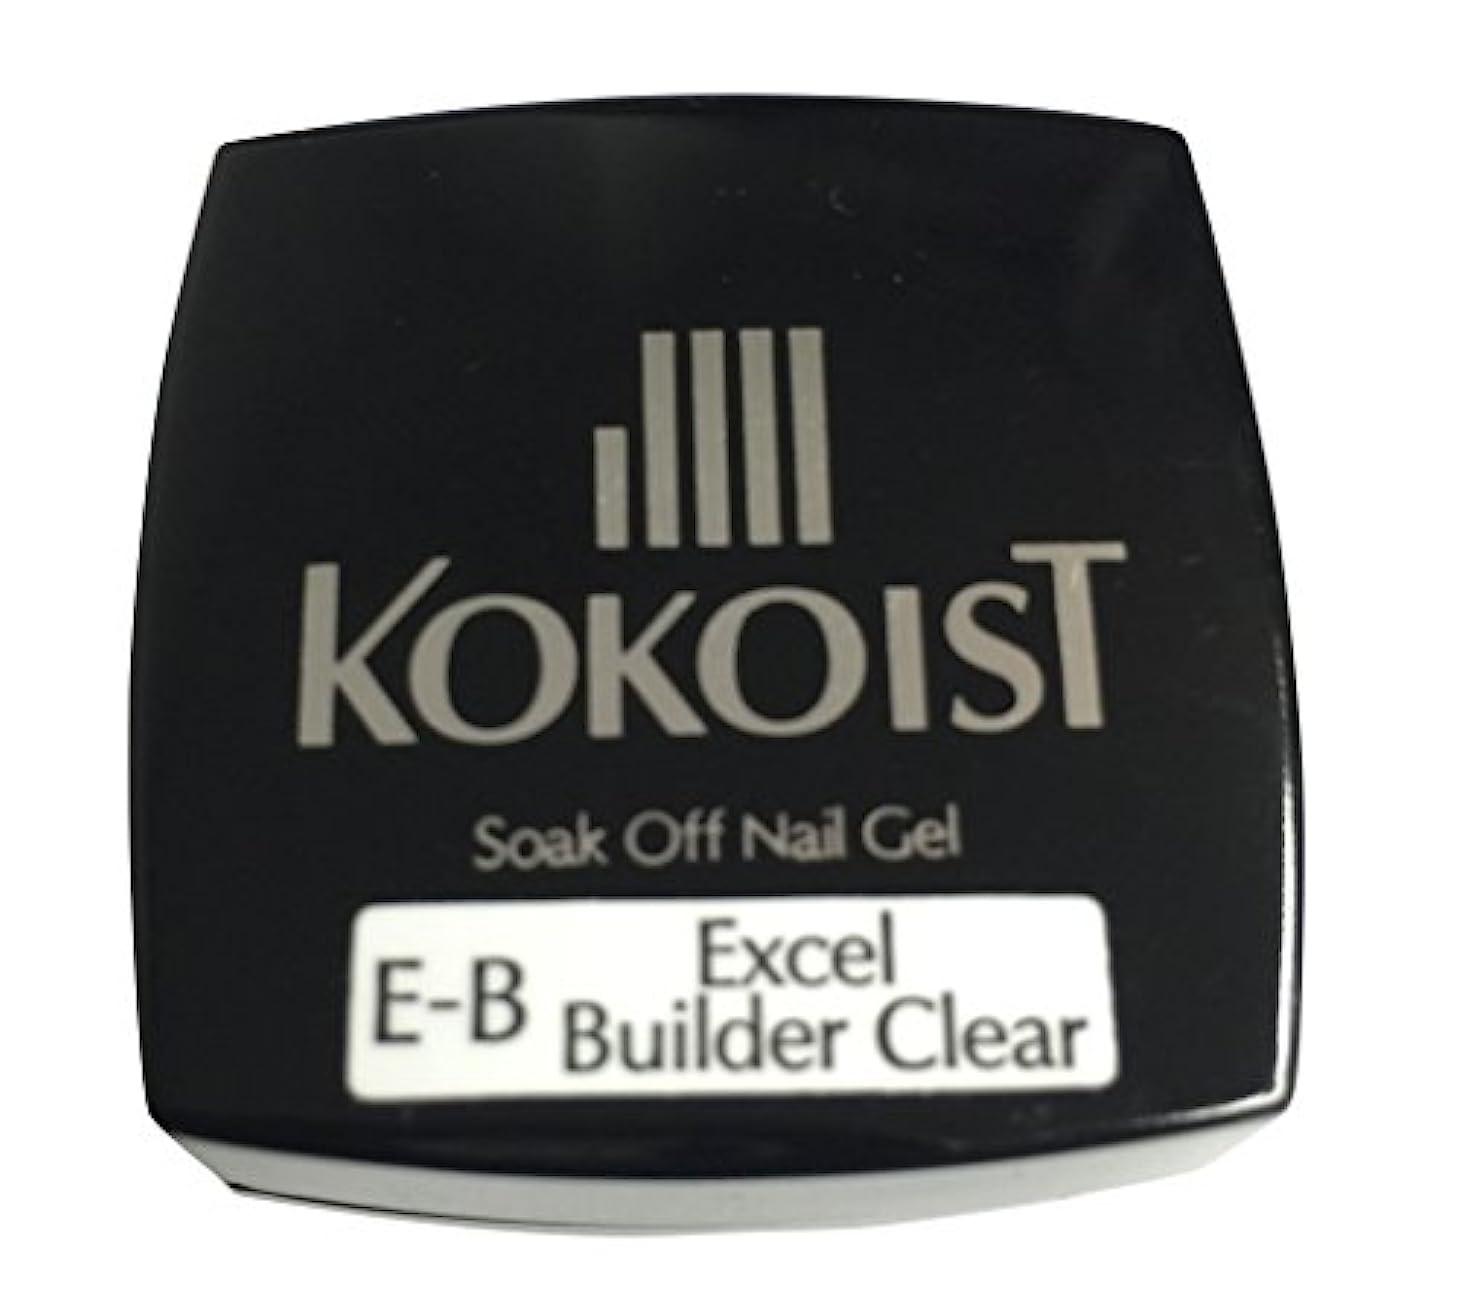 フルーティーむき出しカートンKOKOIST(ココイスト) ソークオフクリアジェル エクセルビルダー  4g